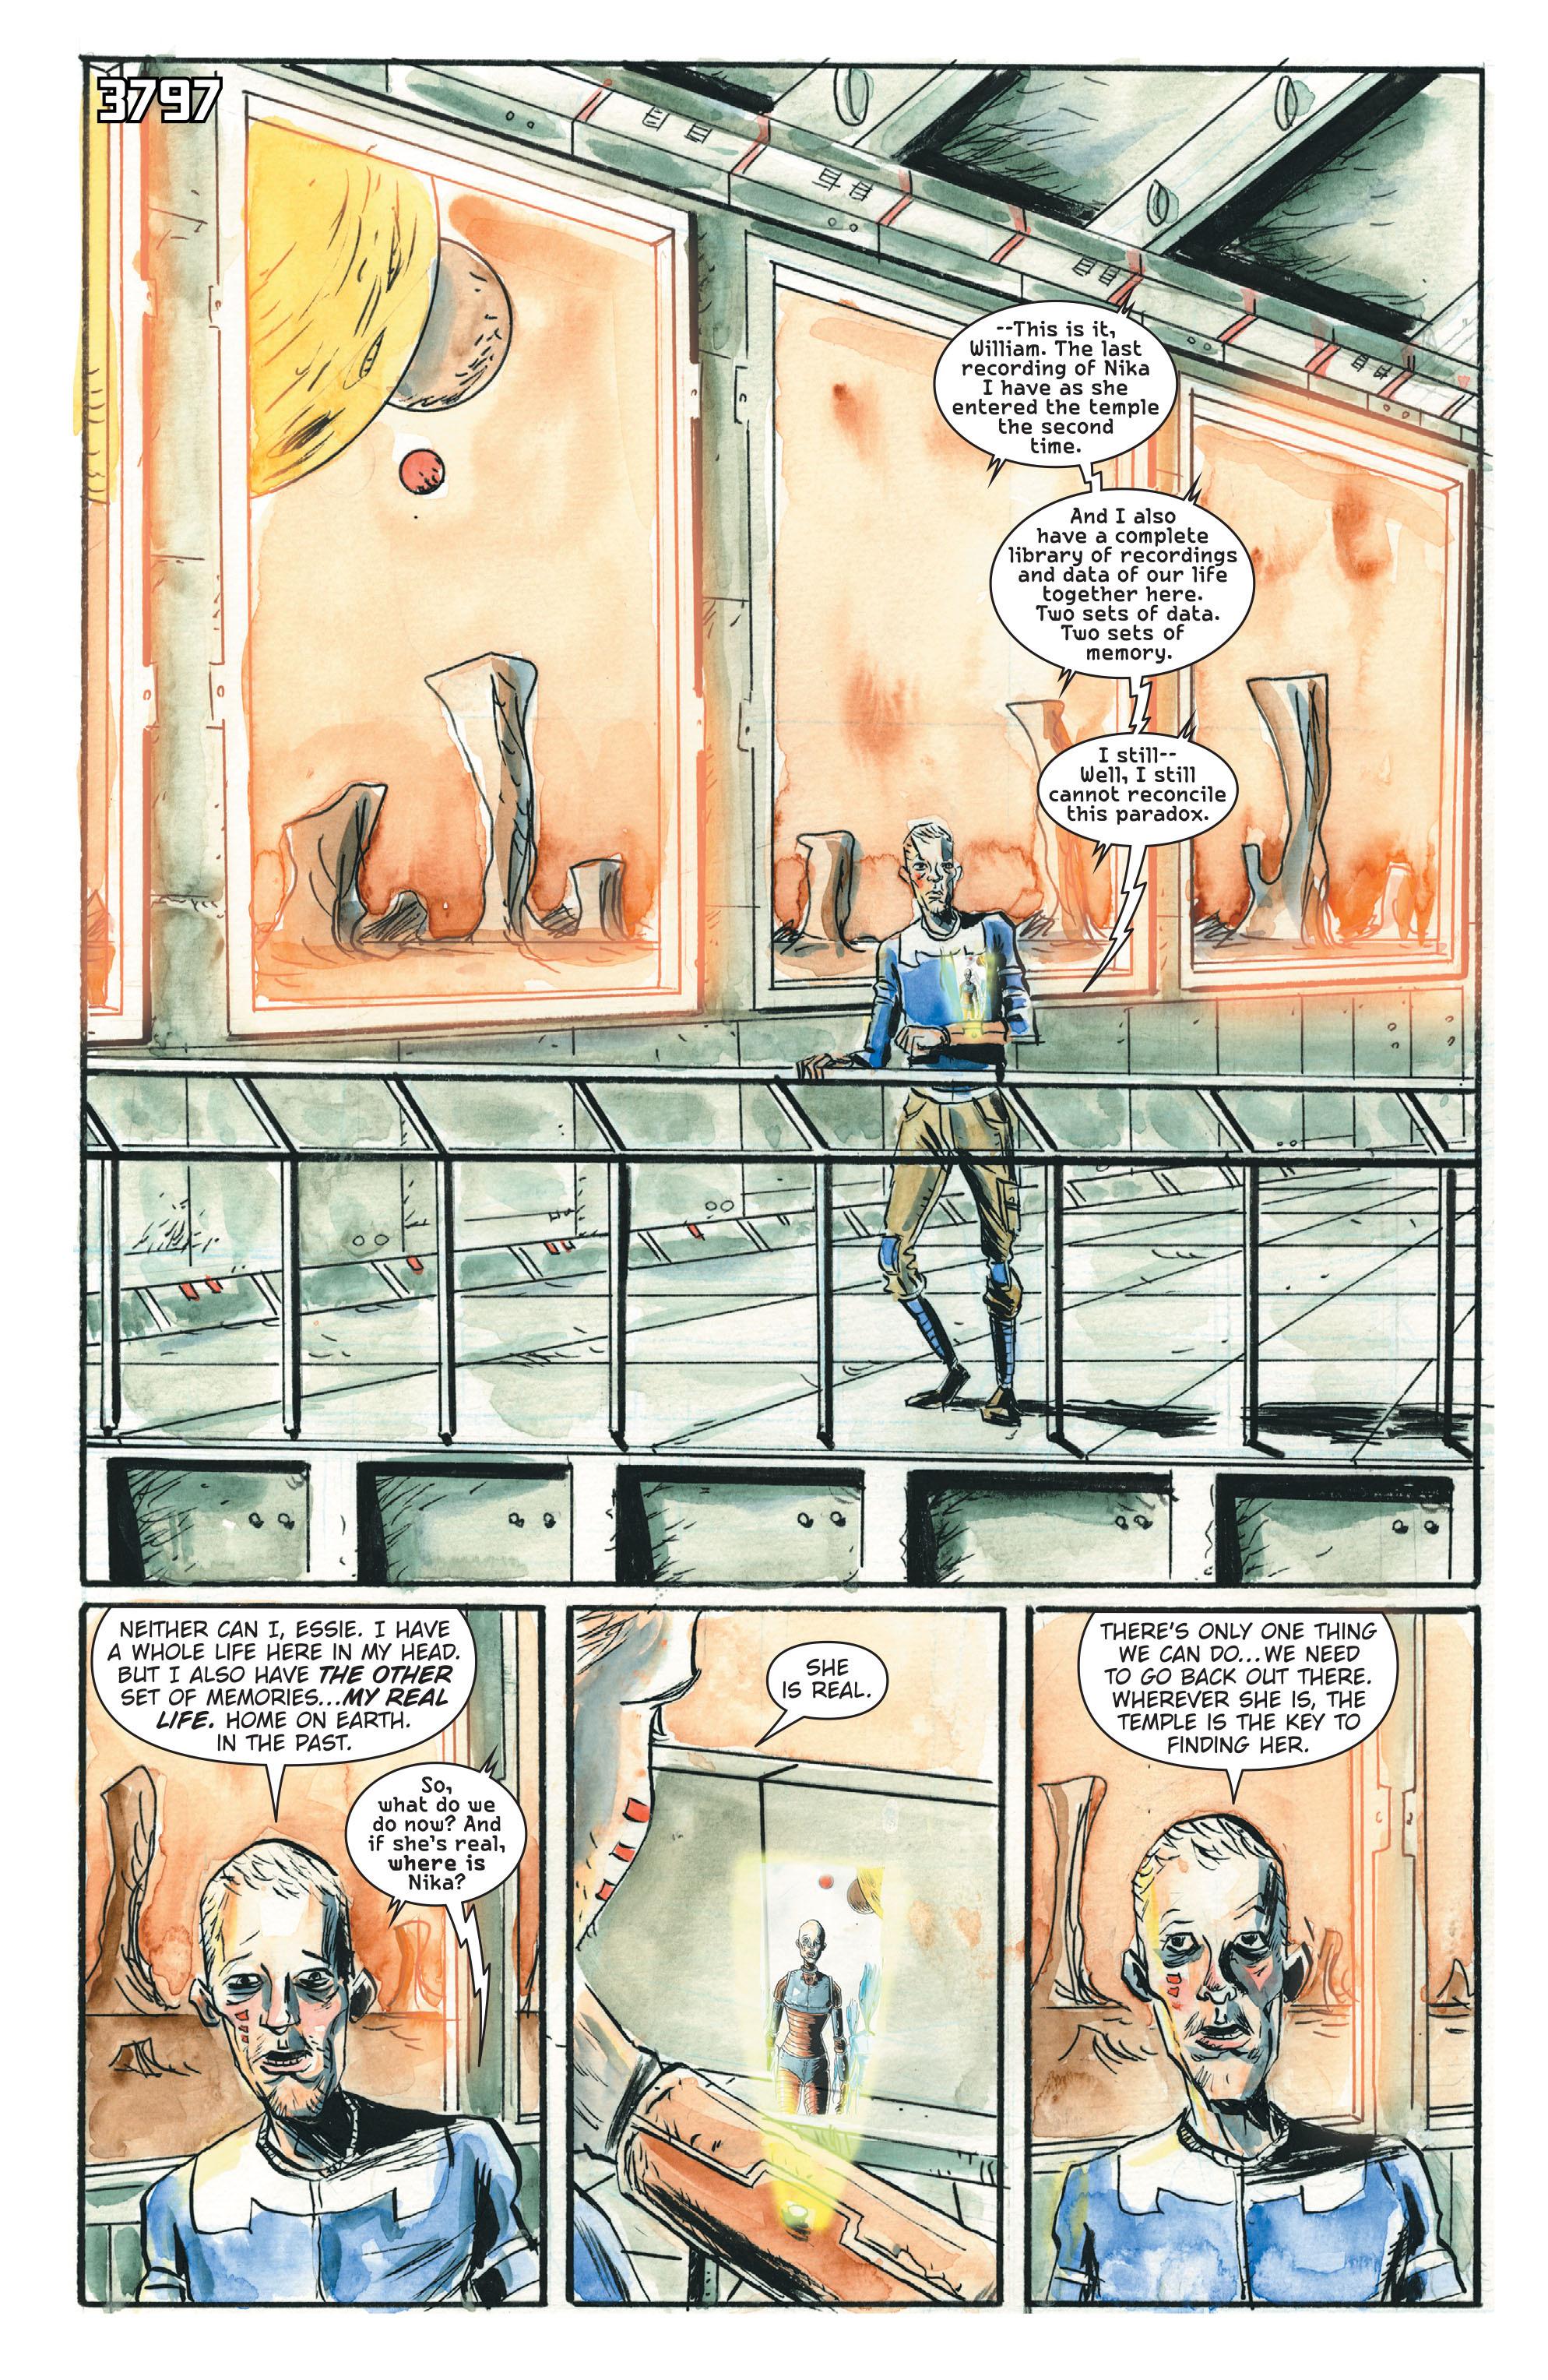 Read online Trillium comic -  Issue # TPB - 147